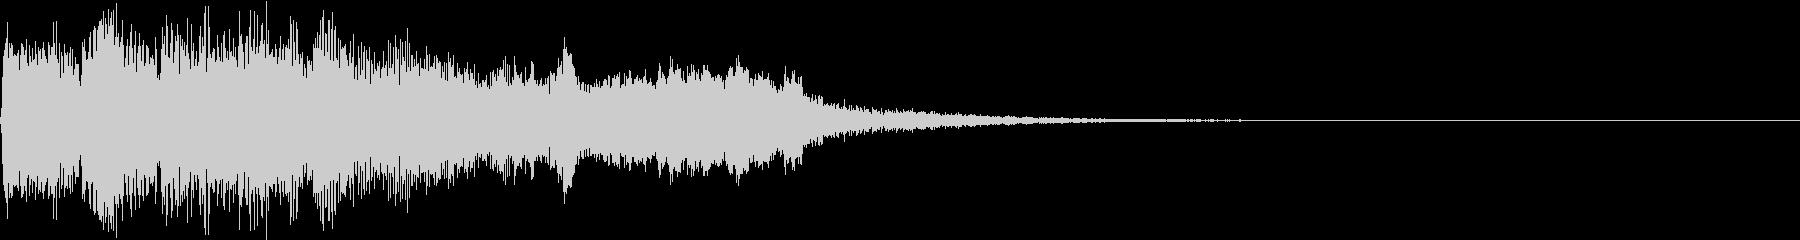 SE ポワーン クイズ出題前 上昇音 1の未再生の波形